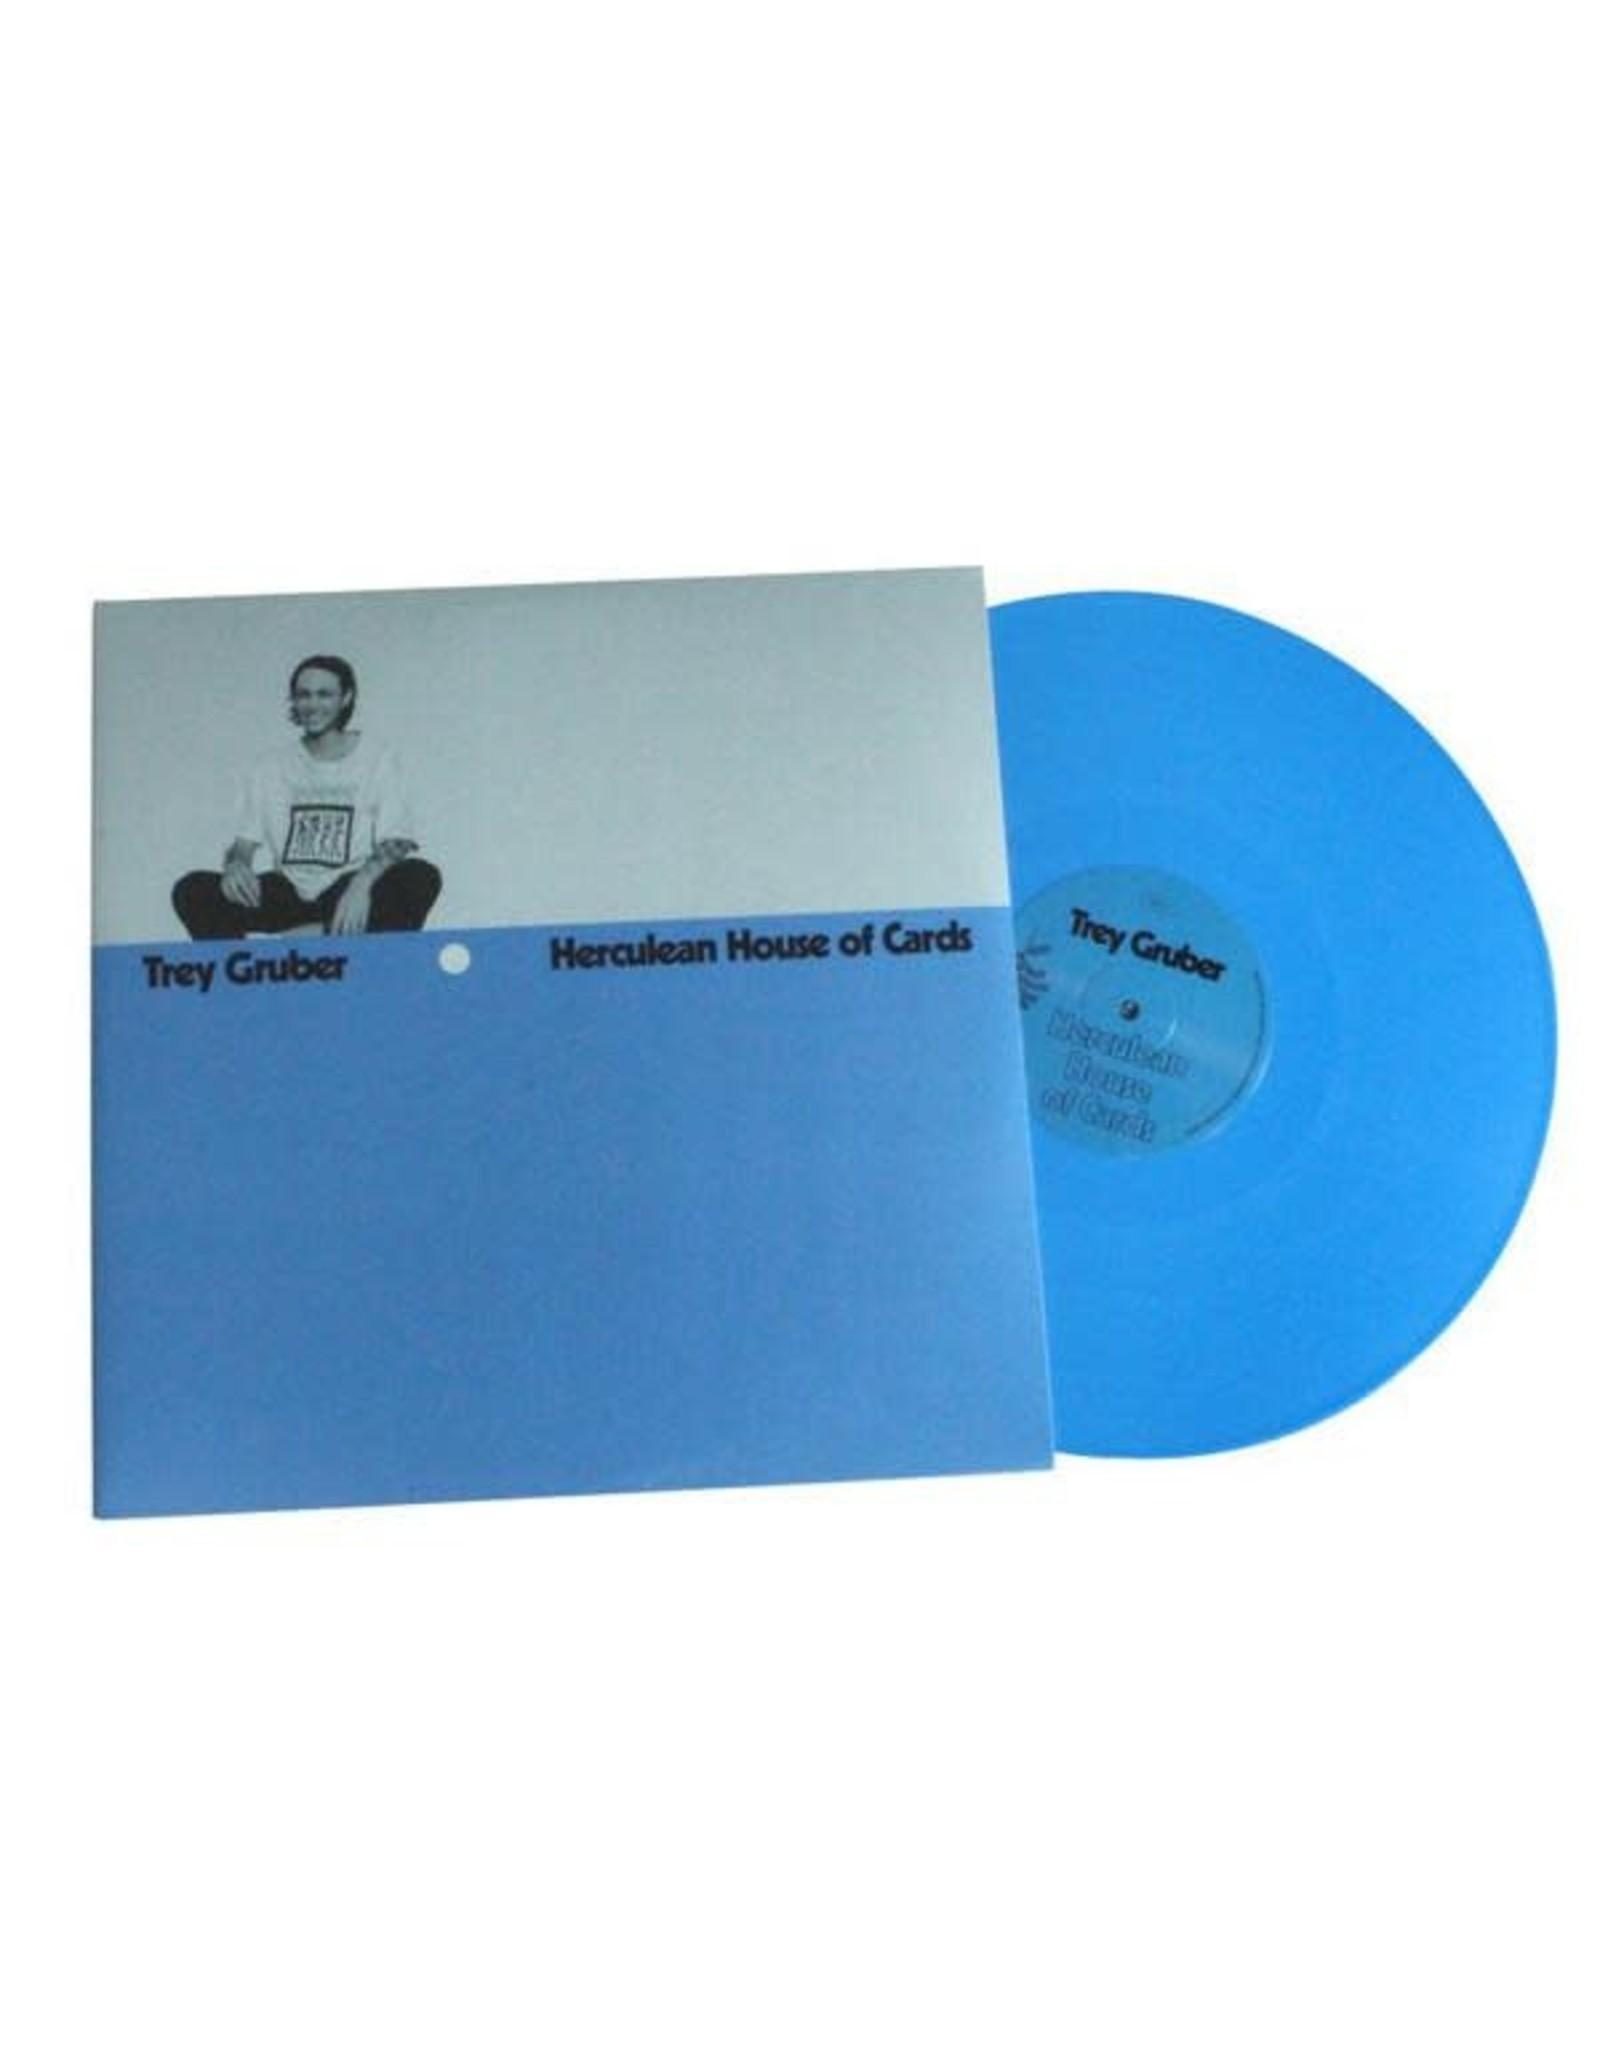 Gruber, Trey - Herculean House Of Cards (2LP-blue vinyl)